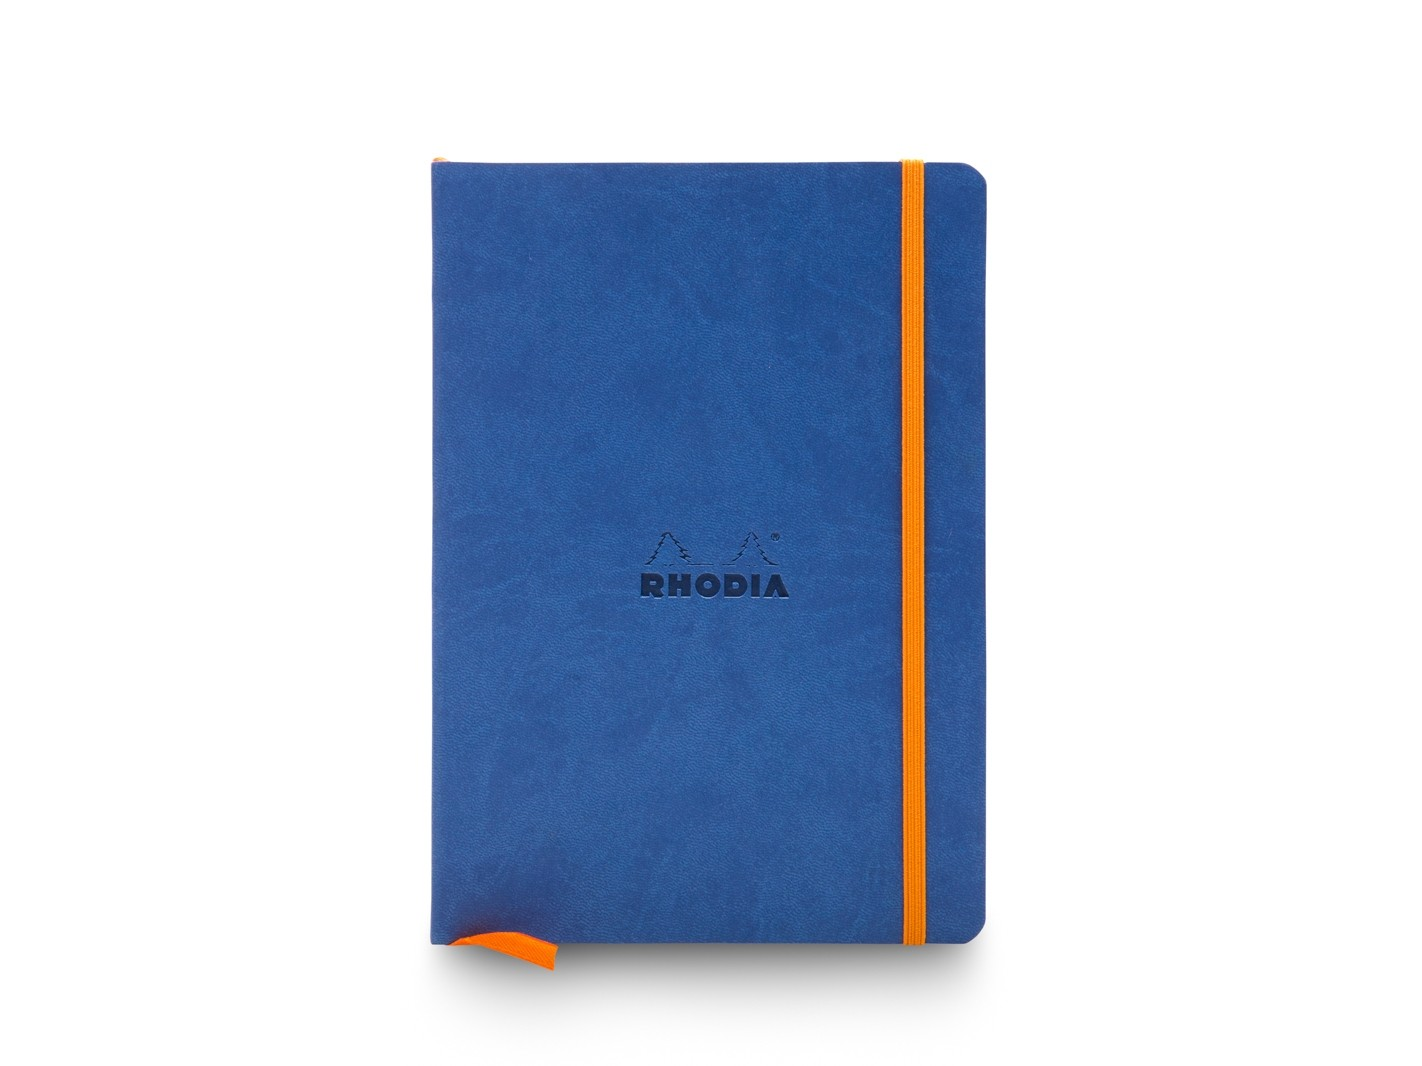 Rhodia Rhodiarama Soft Cover A5 Notebook